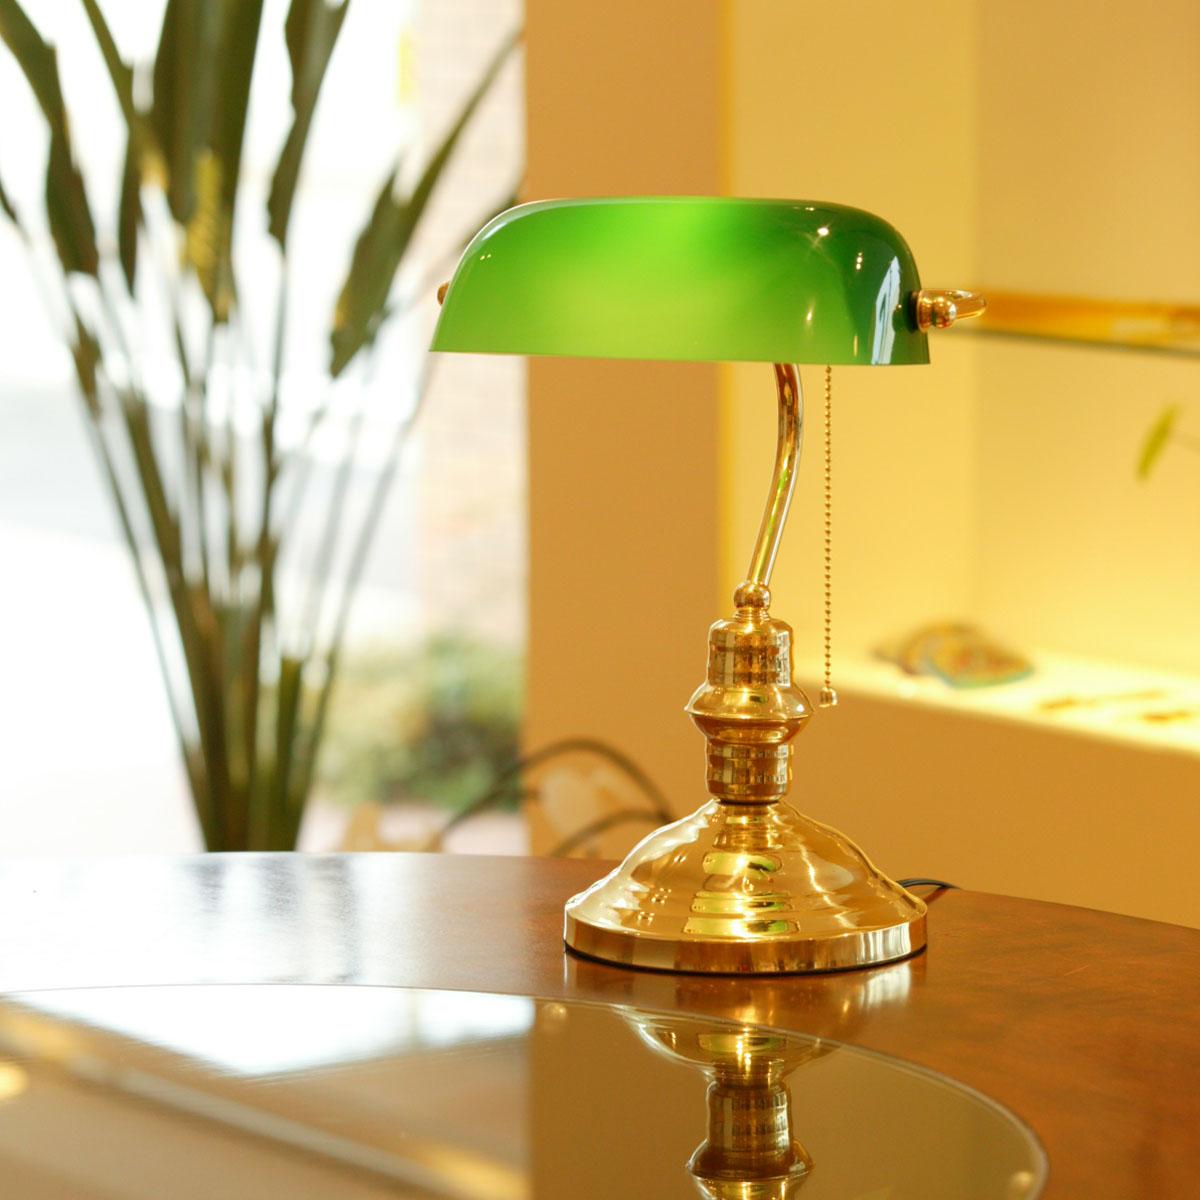 雰囲気のあるテーブルライトを楽しもうバンカーズライト3≪ゴールド≫